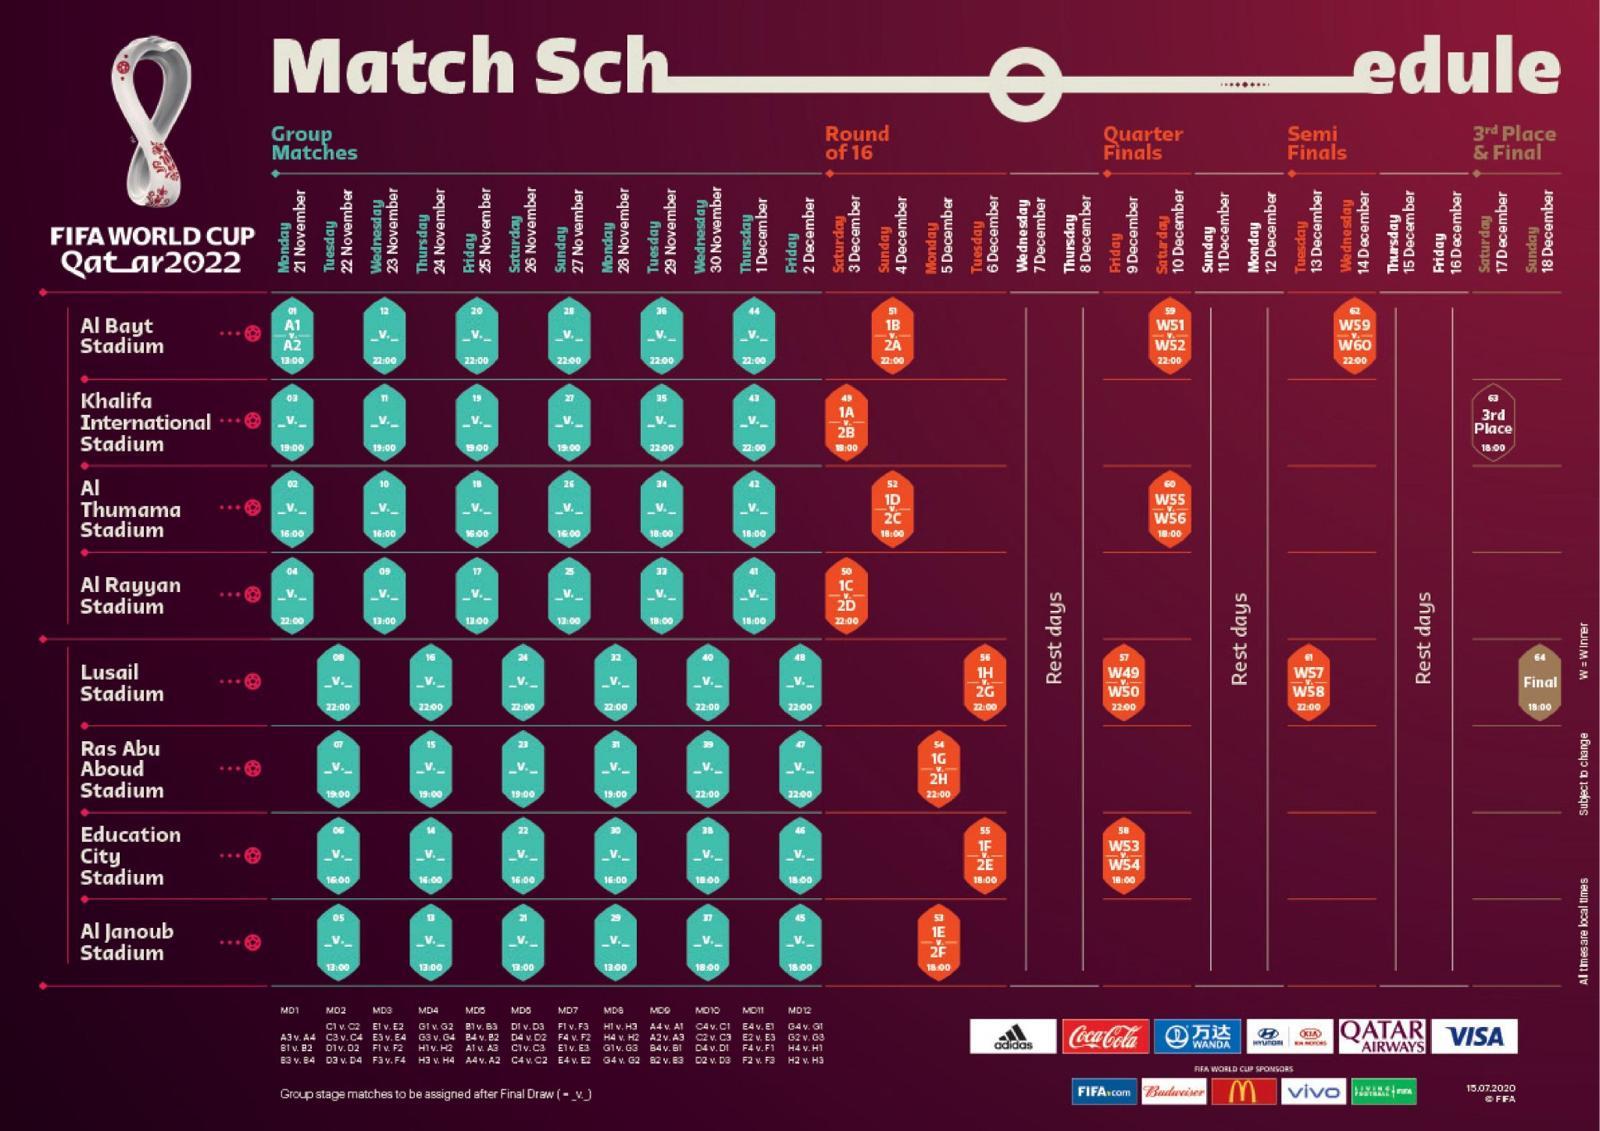 Calendrier Mondial 2022 Mondial 2022 : le calendrier de la compétition confirmé